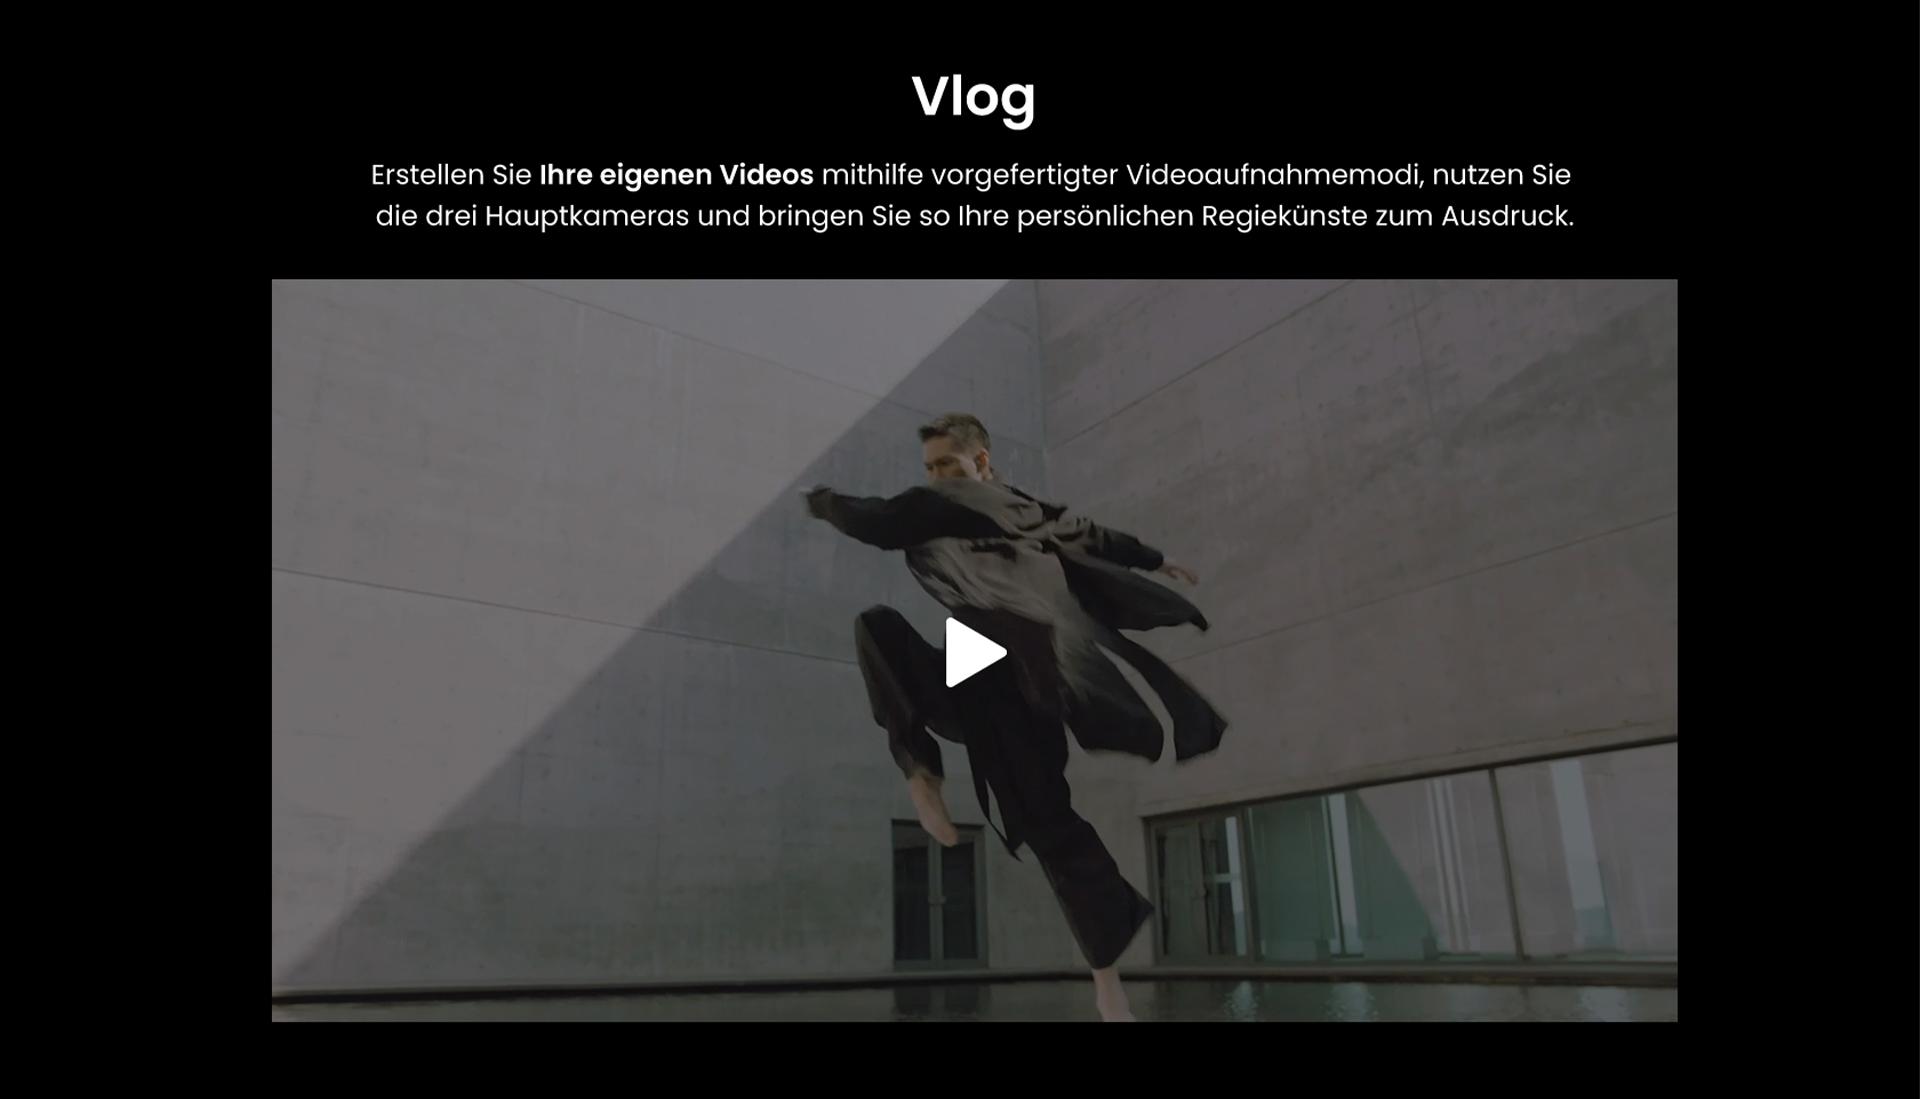 Vlog mit dem ZTE Axon 30 Ultra - Erstellen Sie Ihre eigenen Videos mithilfe vorgefertigter Videoaufnahmemodi, nutzen Sie die drei Hauptkameras und bringen Sie so Ihre persönlichen Regiekünste zum Ausdruck